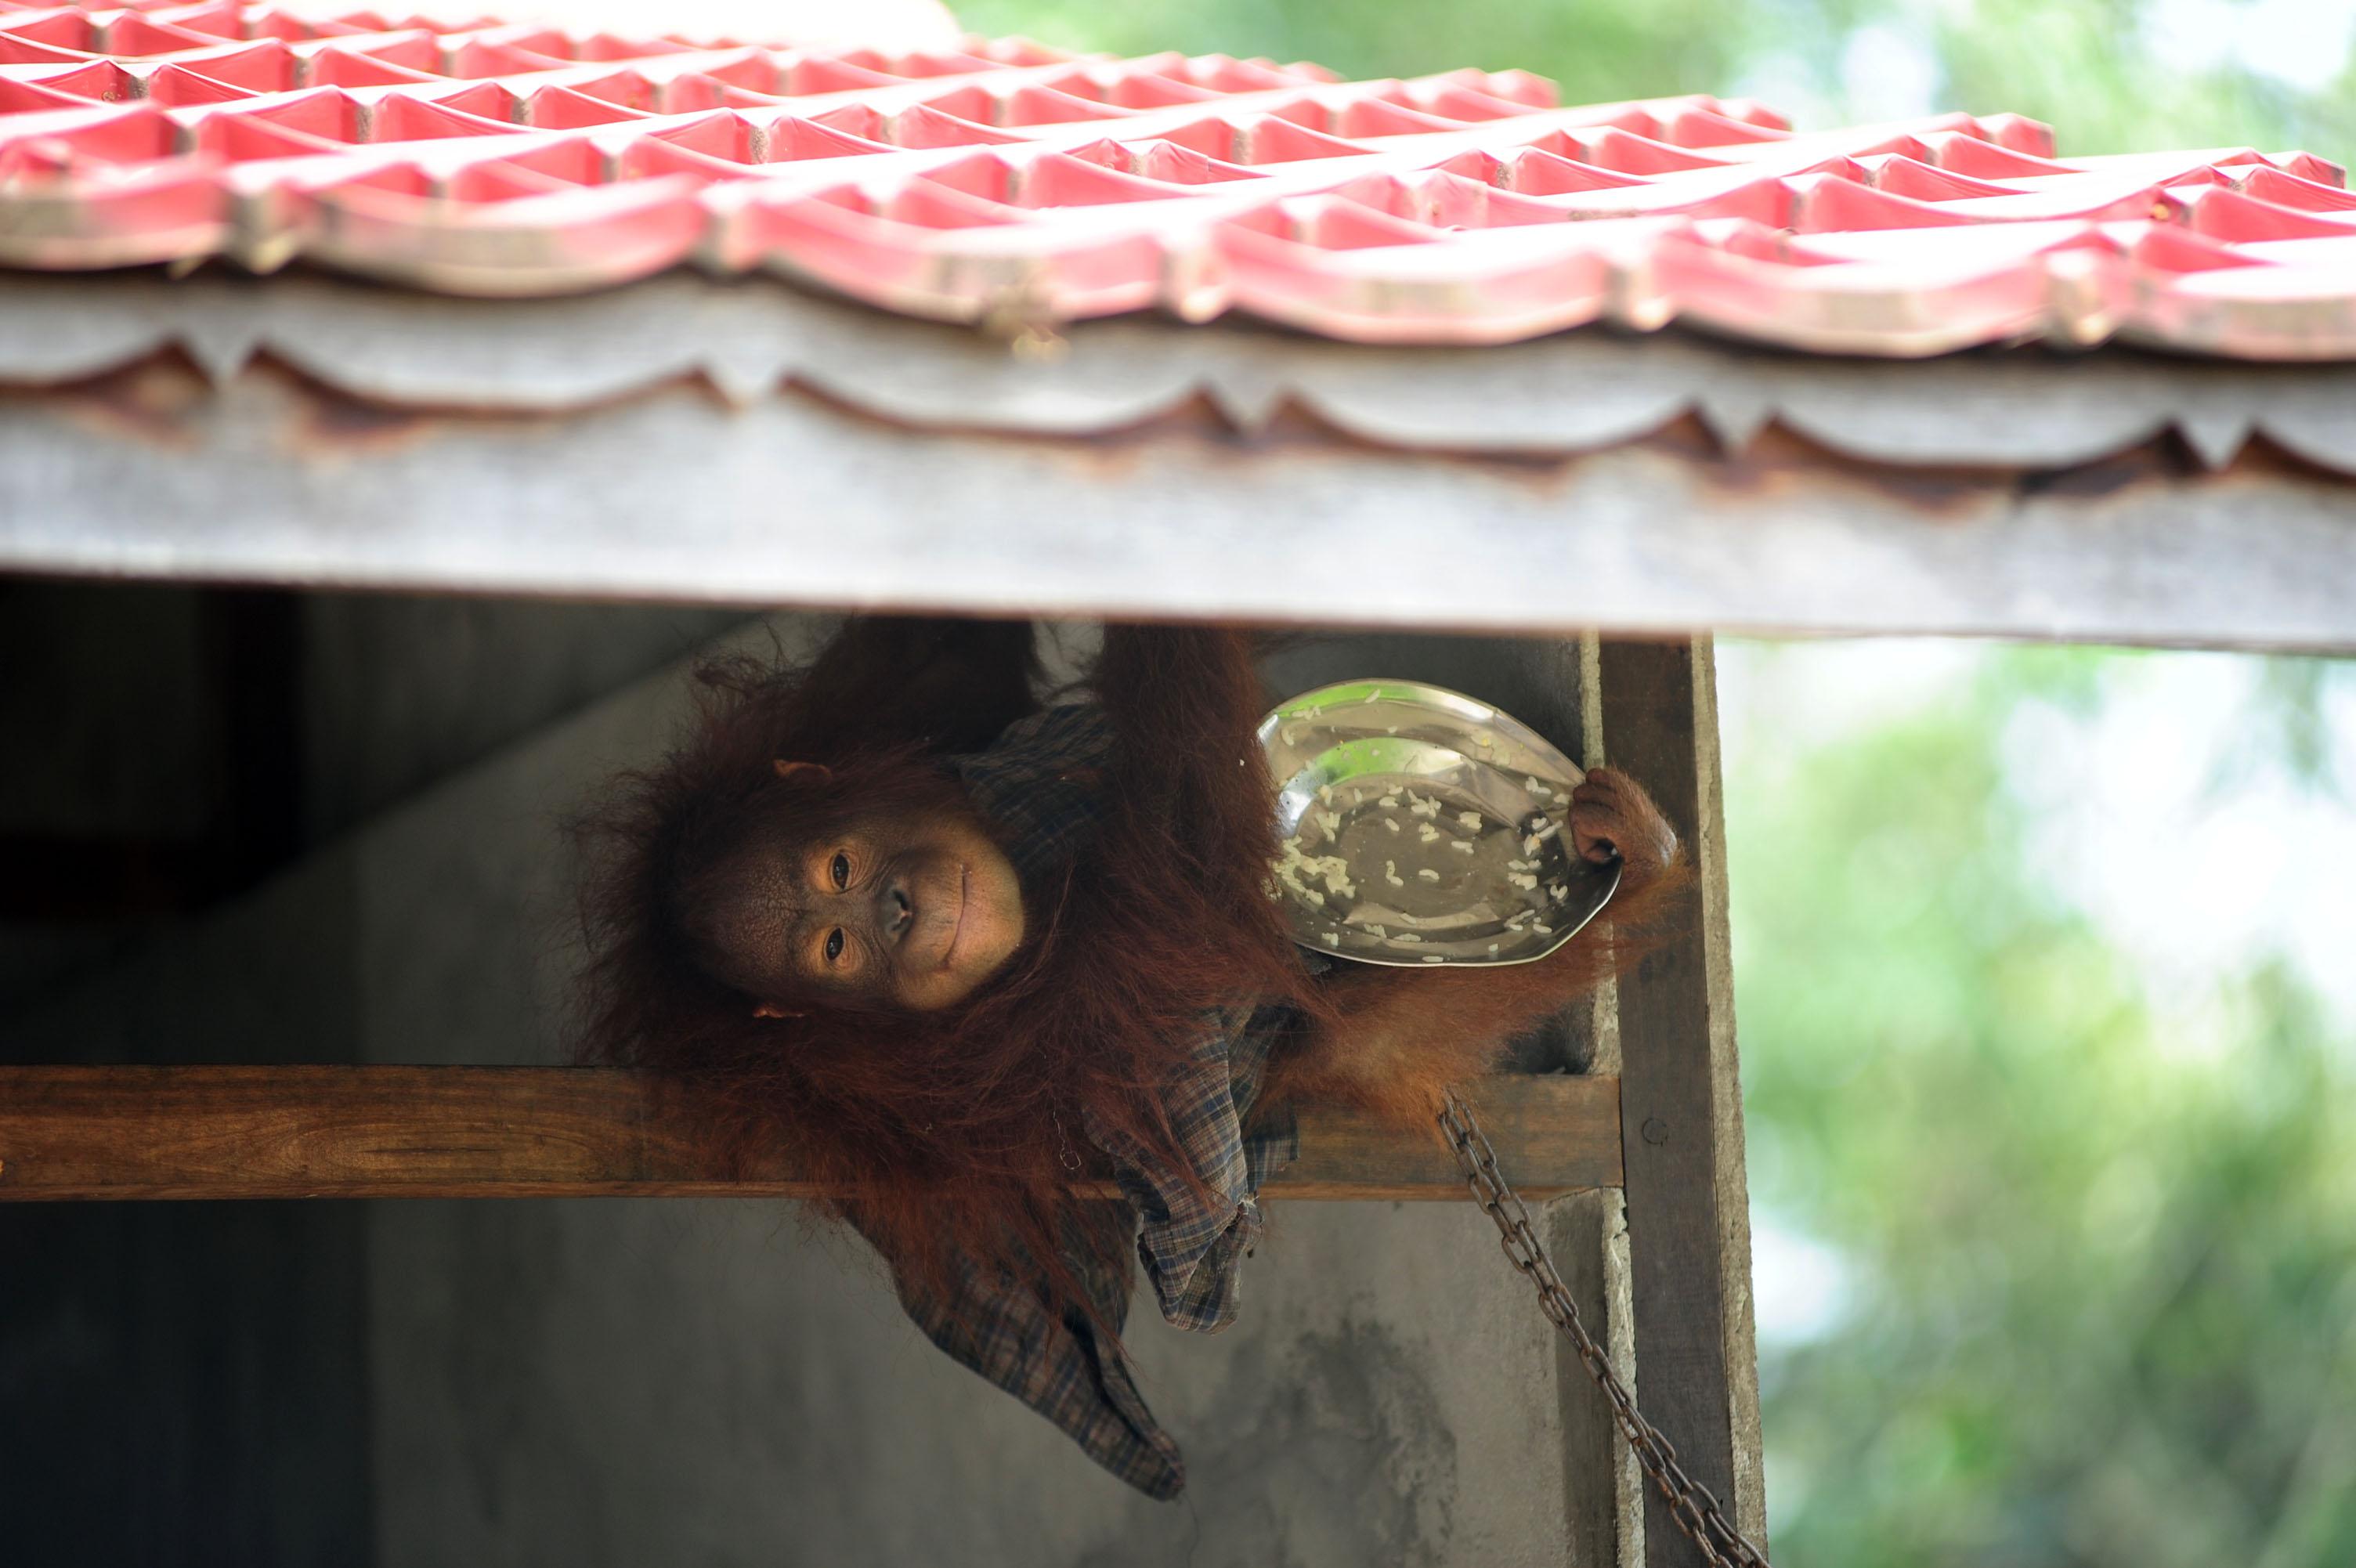 Seekor Orangutan yang dirantai, memegang piring berisi makanan, di rumah warga yang memeliharanya di Desa Korek, Kecamatan Ambawang, Kabupaten Kubu Raya, Kalimantan Barat, Rabu (7/10). Orangutan tersebut untuk kedua kalinya gagal dievakuasi BKSDA Kalbar, karena pemiliknya menolak untuk menyerahkan hewan primata yang dilindungi itu. ANTARA FOTO/Jessica Helena Wuysang.